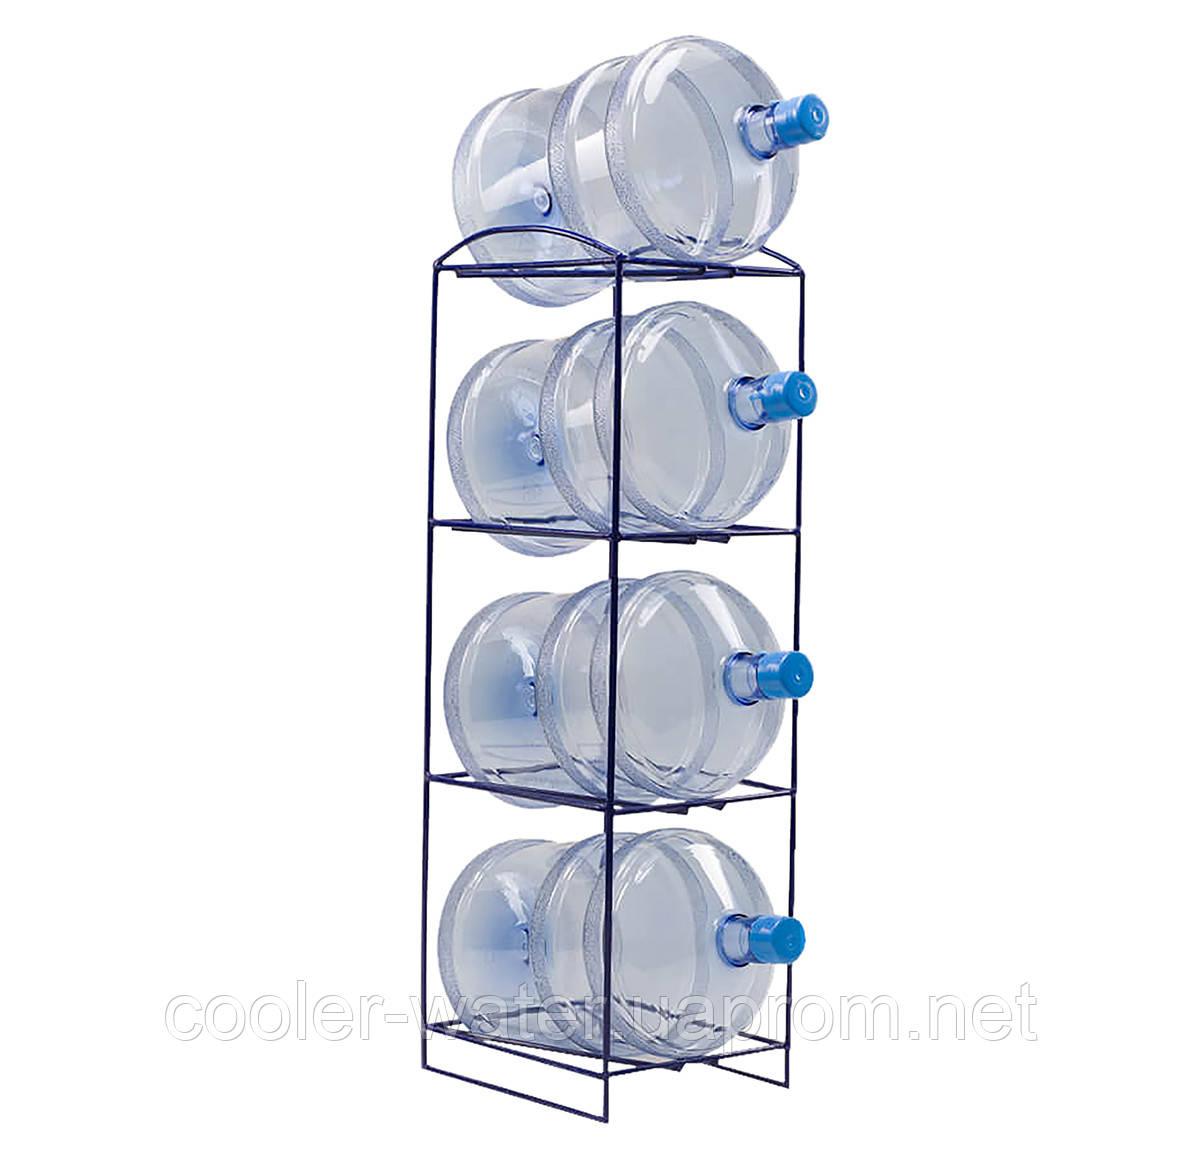 Подставка металлическая на 4 бутыли СВП-4